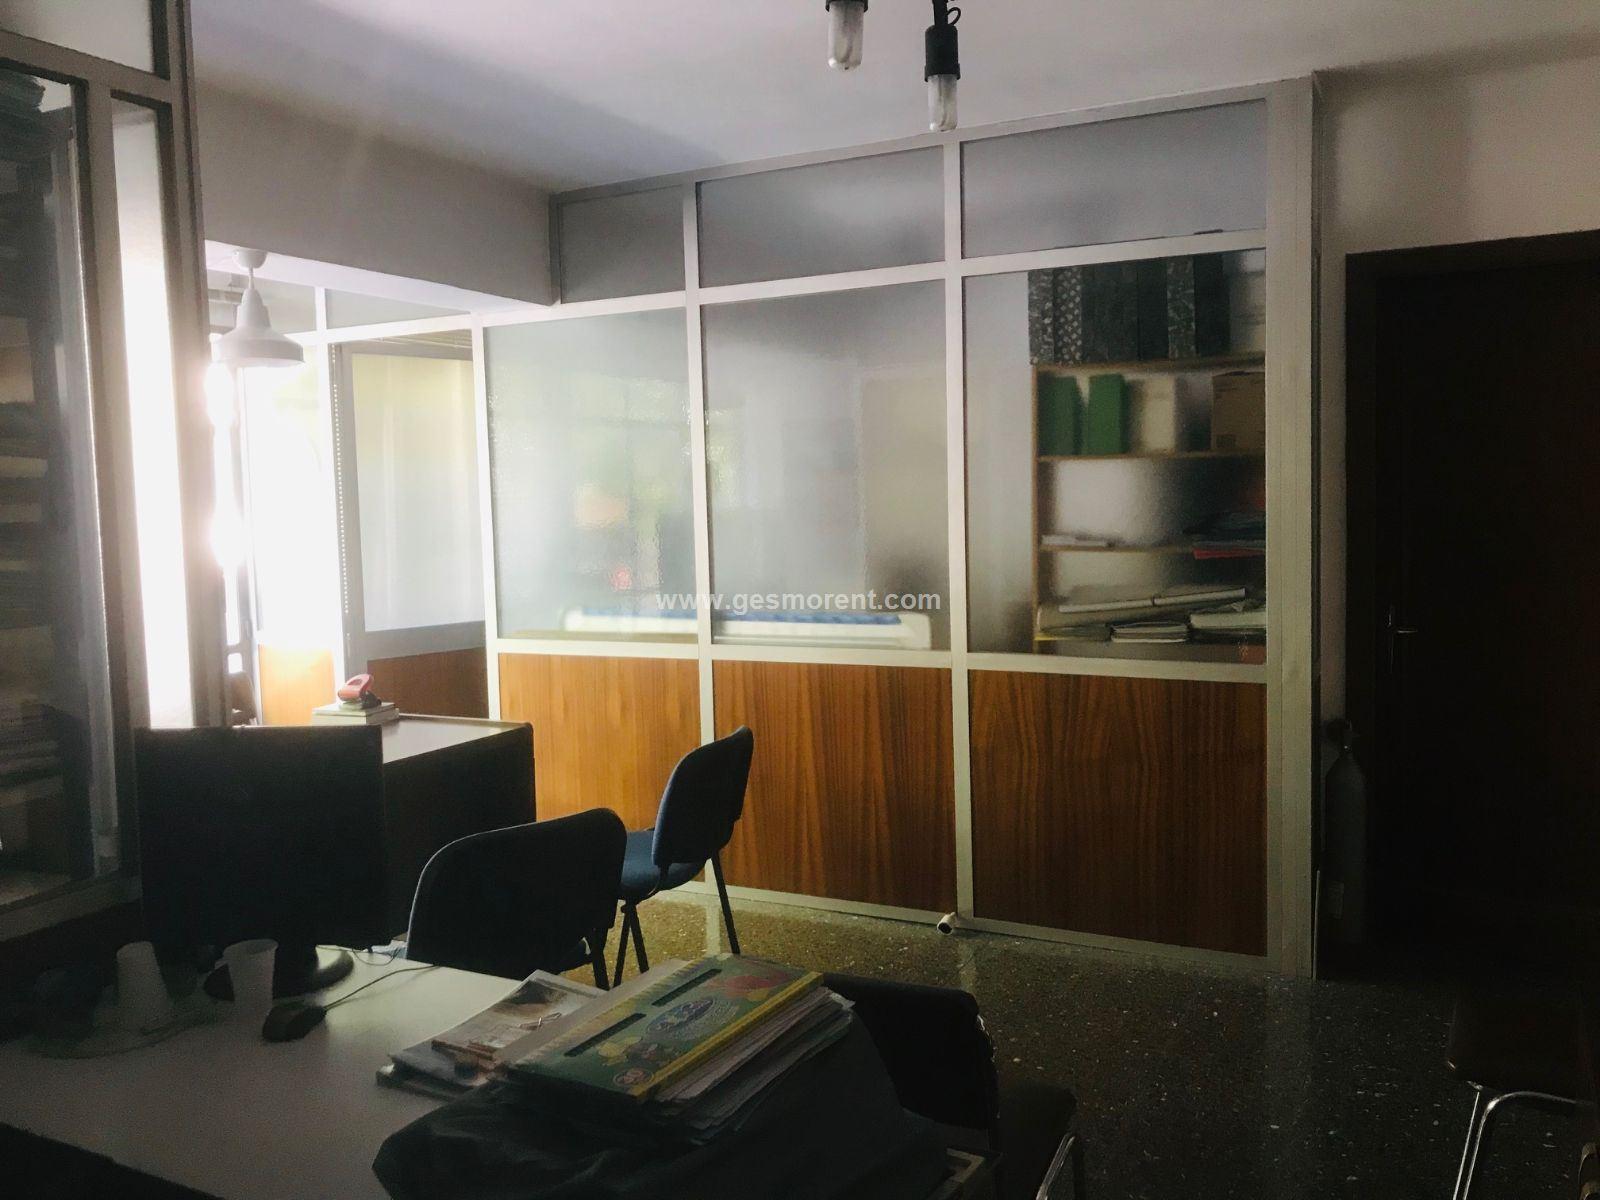 Oficina  Palma de mallorca - pza. pedro garau. Despacho en venta